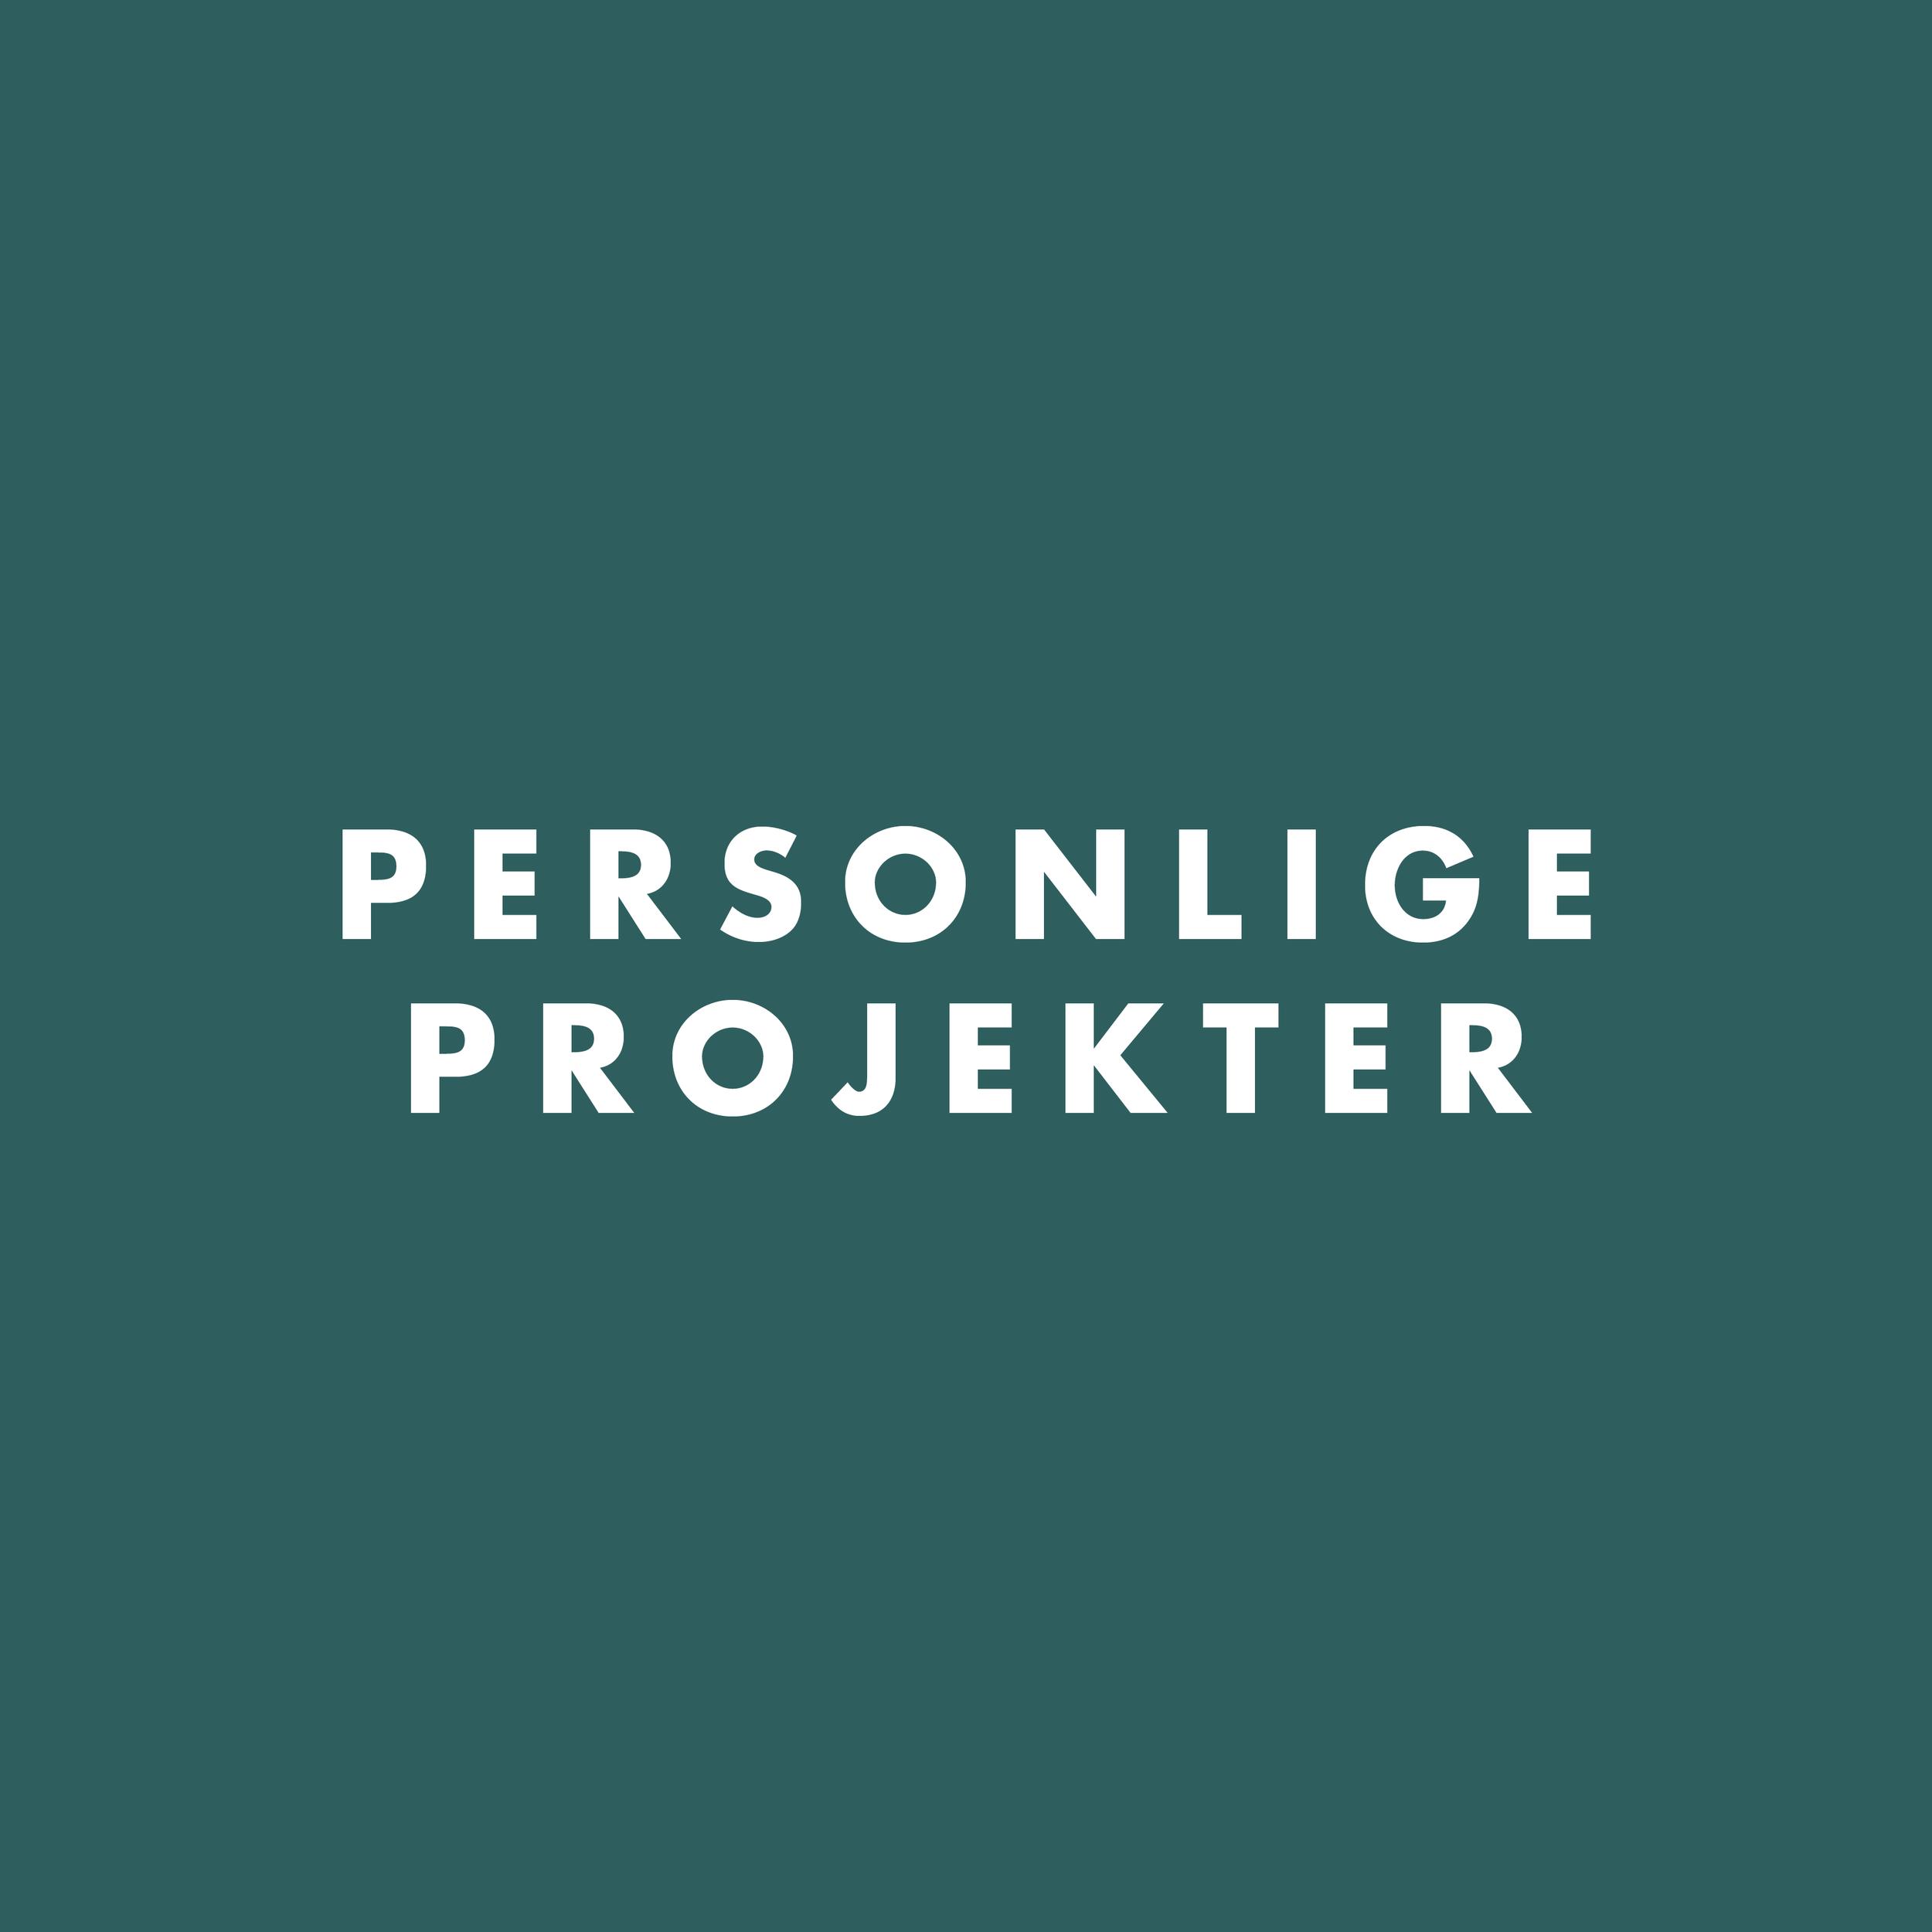 Personlige projekter